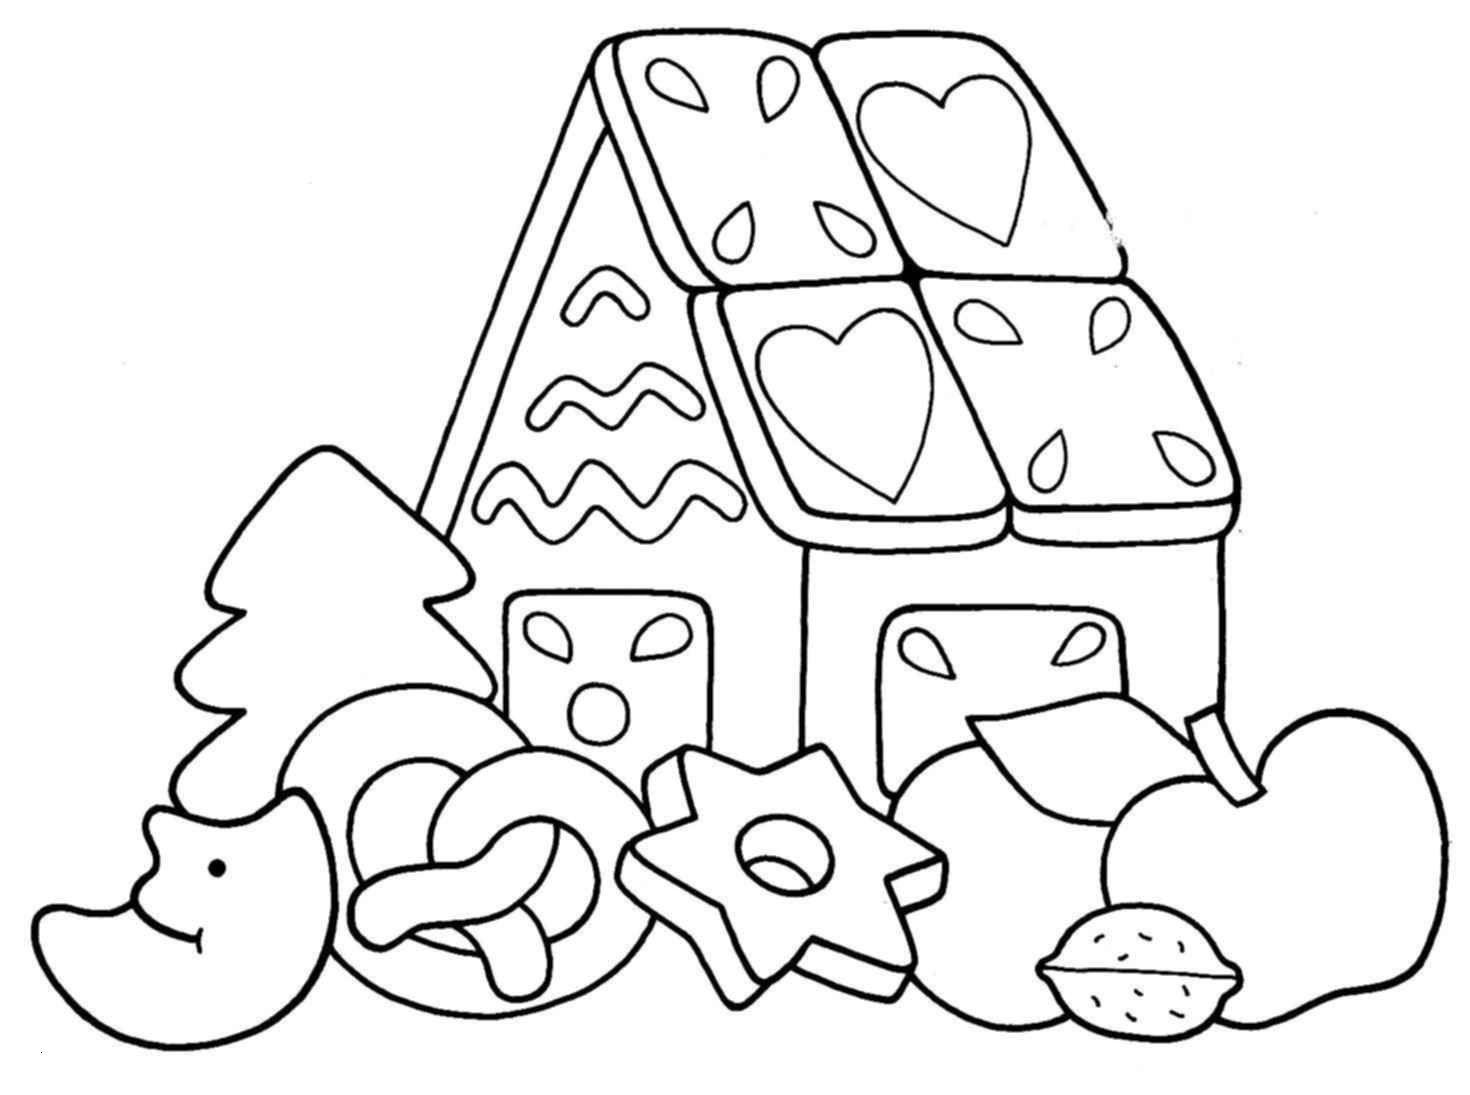 malvorlagen weihnachten  kinderbilderdownload